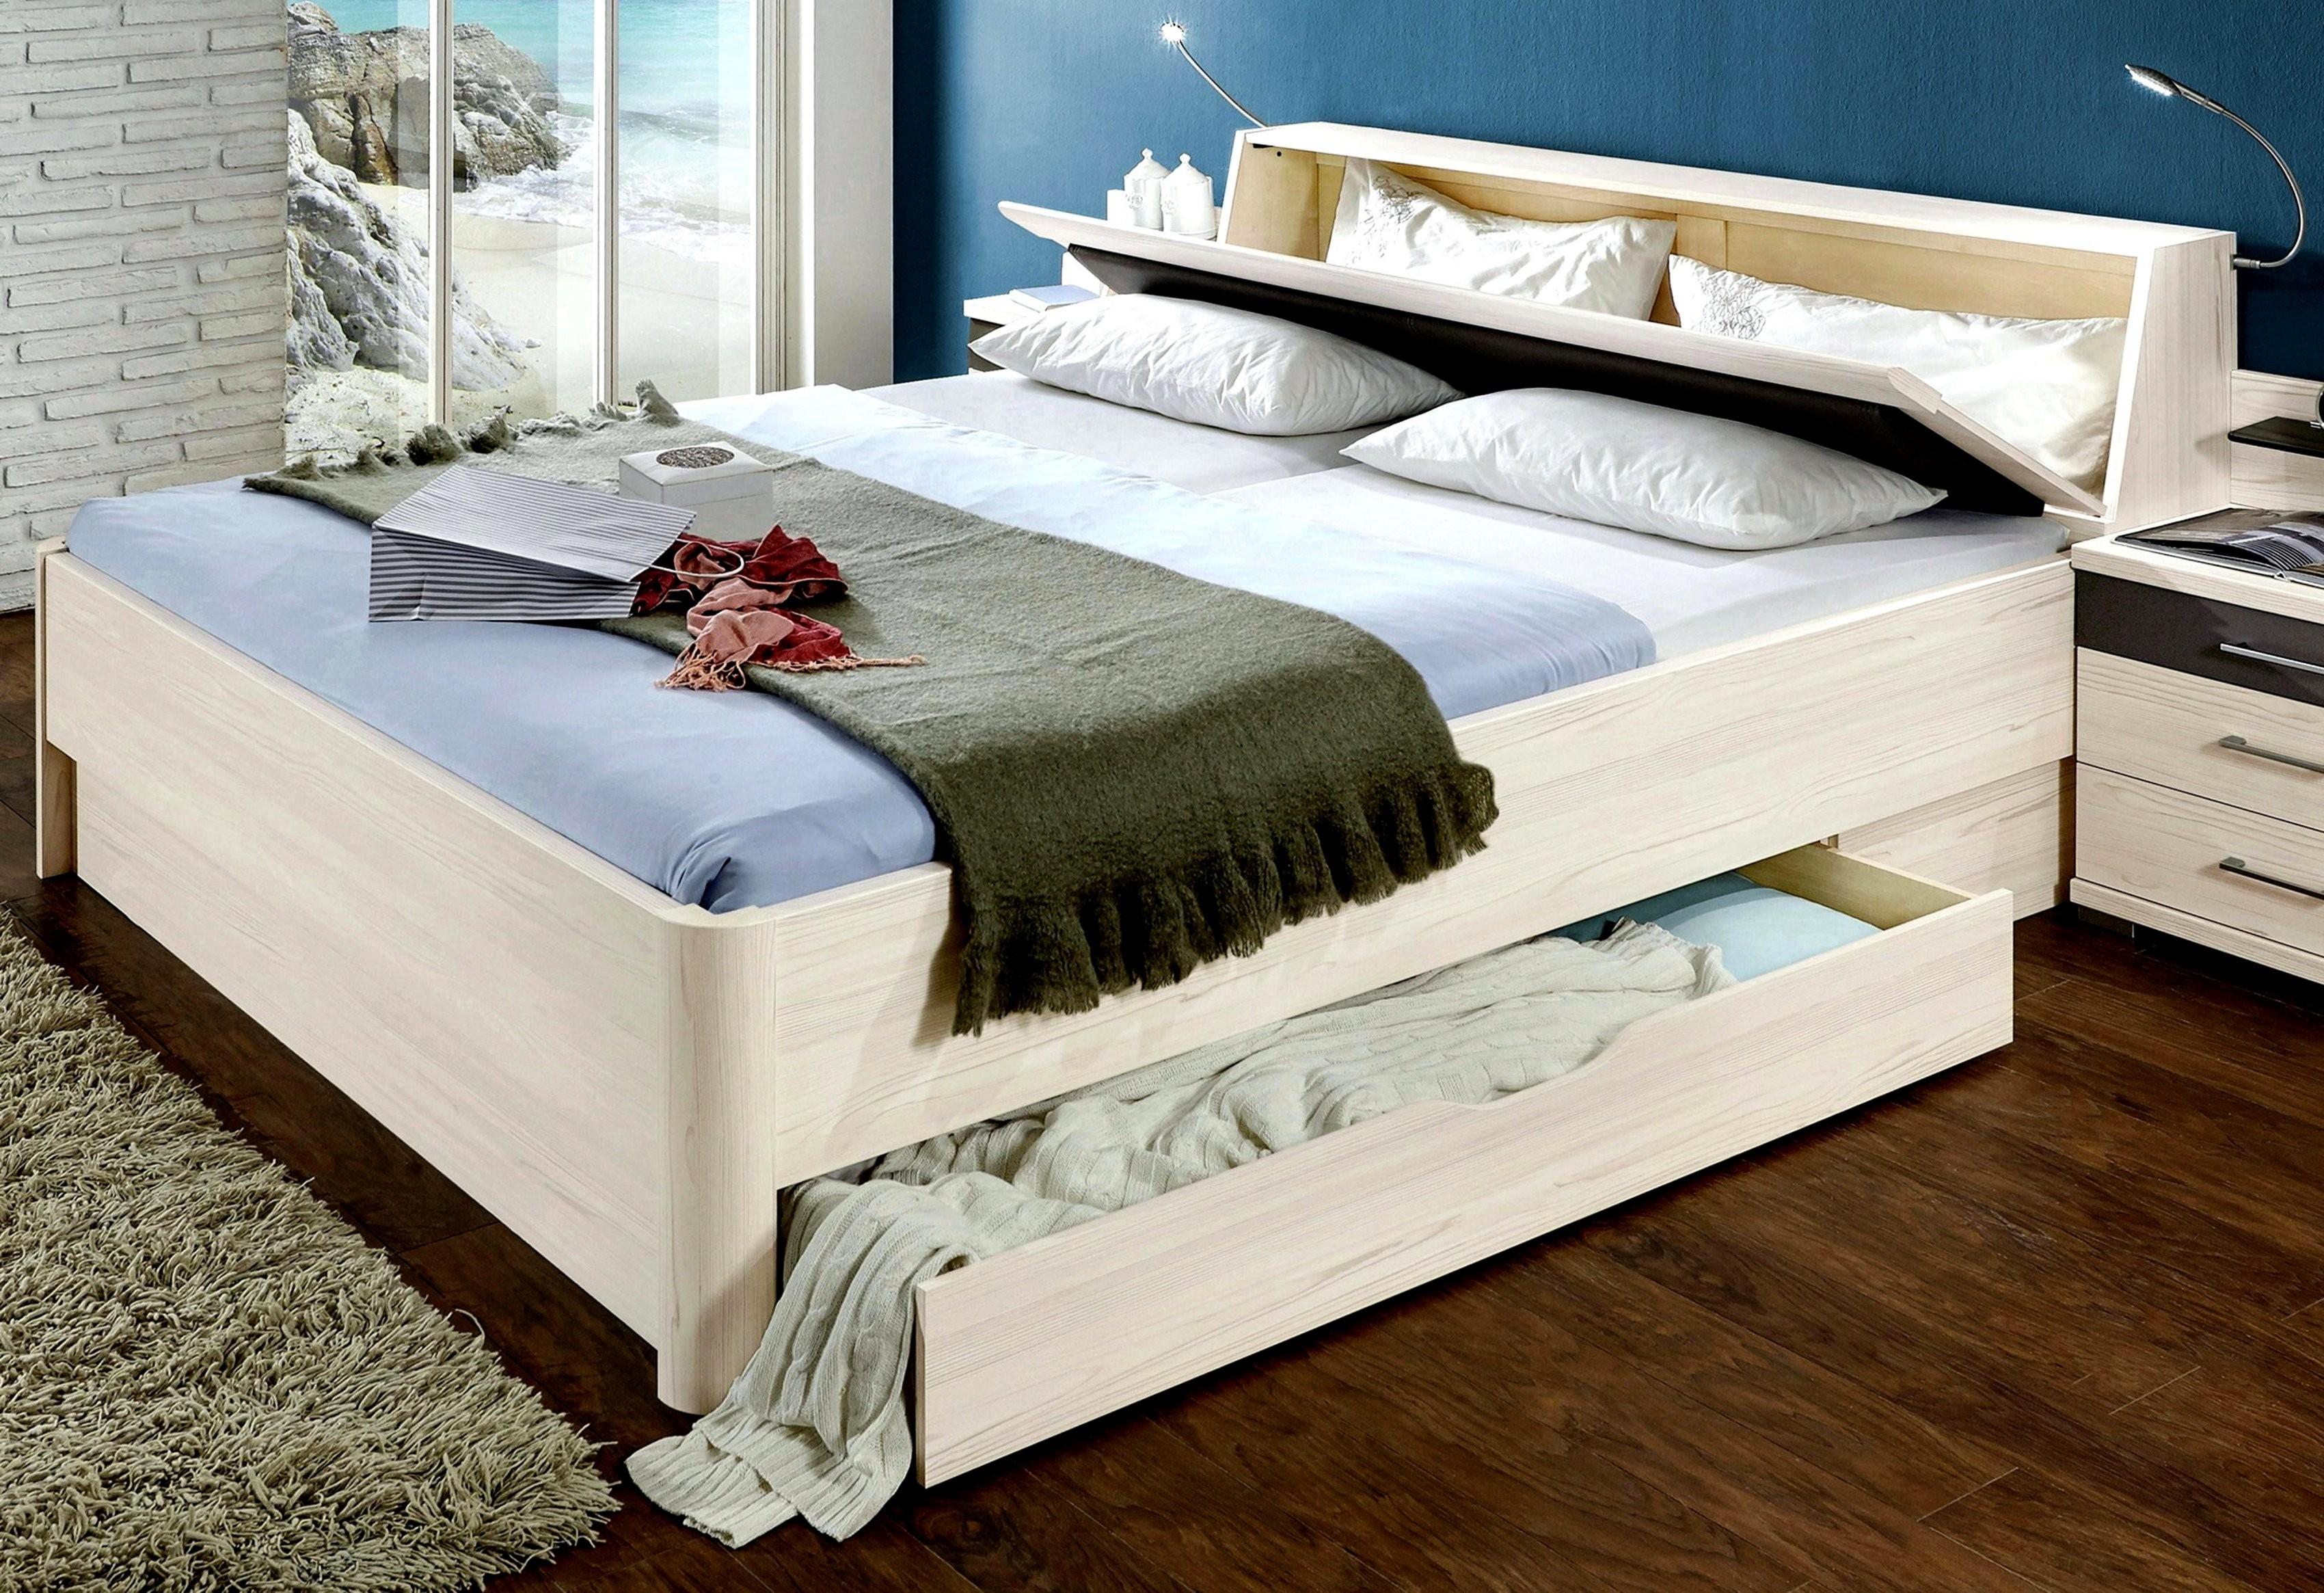 Ausgezeichnet Bett 200X200 Gebraucht Bettgestell Cloiste Veranda Auf von Bett 200X200 Gebraucht Photo